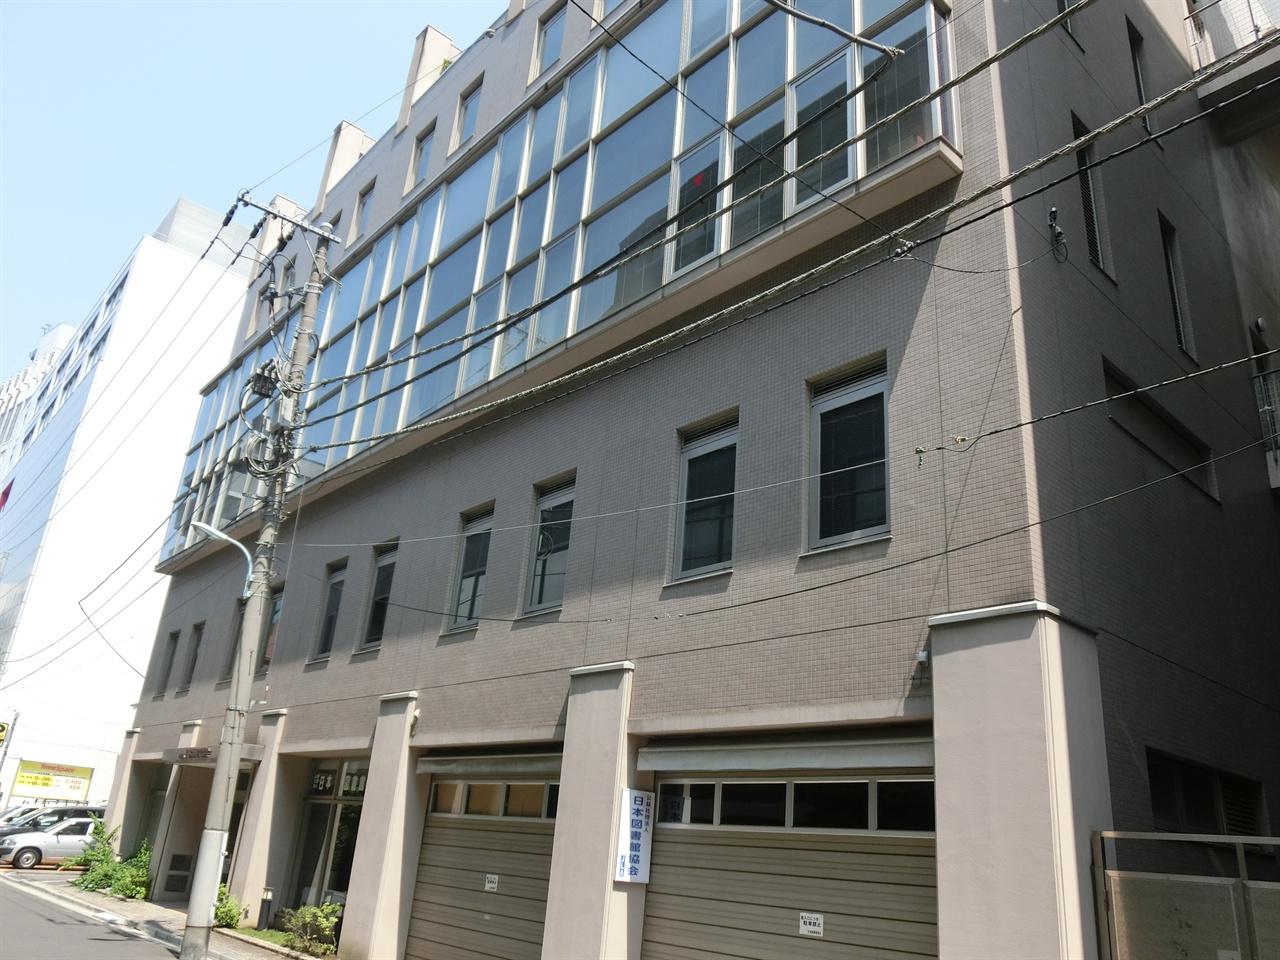 '일본문고협회'로부터 출발한 '일본도서관협회' 일본도서관협회(JLA : Japan Library Association) 회관은 도쿄 주오구 신카와에 자리하고 있다. 일본도서관협회는 1876년 설립된 미국도서관협회(ALA)에 이어 세계에서 두 번째로 설립(1892년)된 도서관 단체로 알려져 있다.